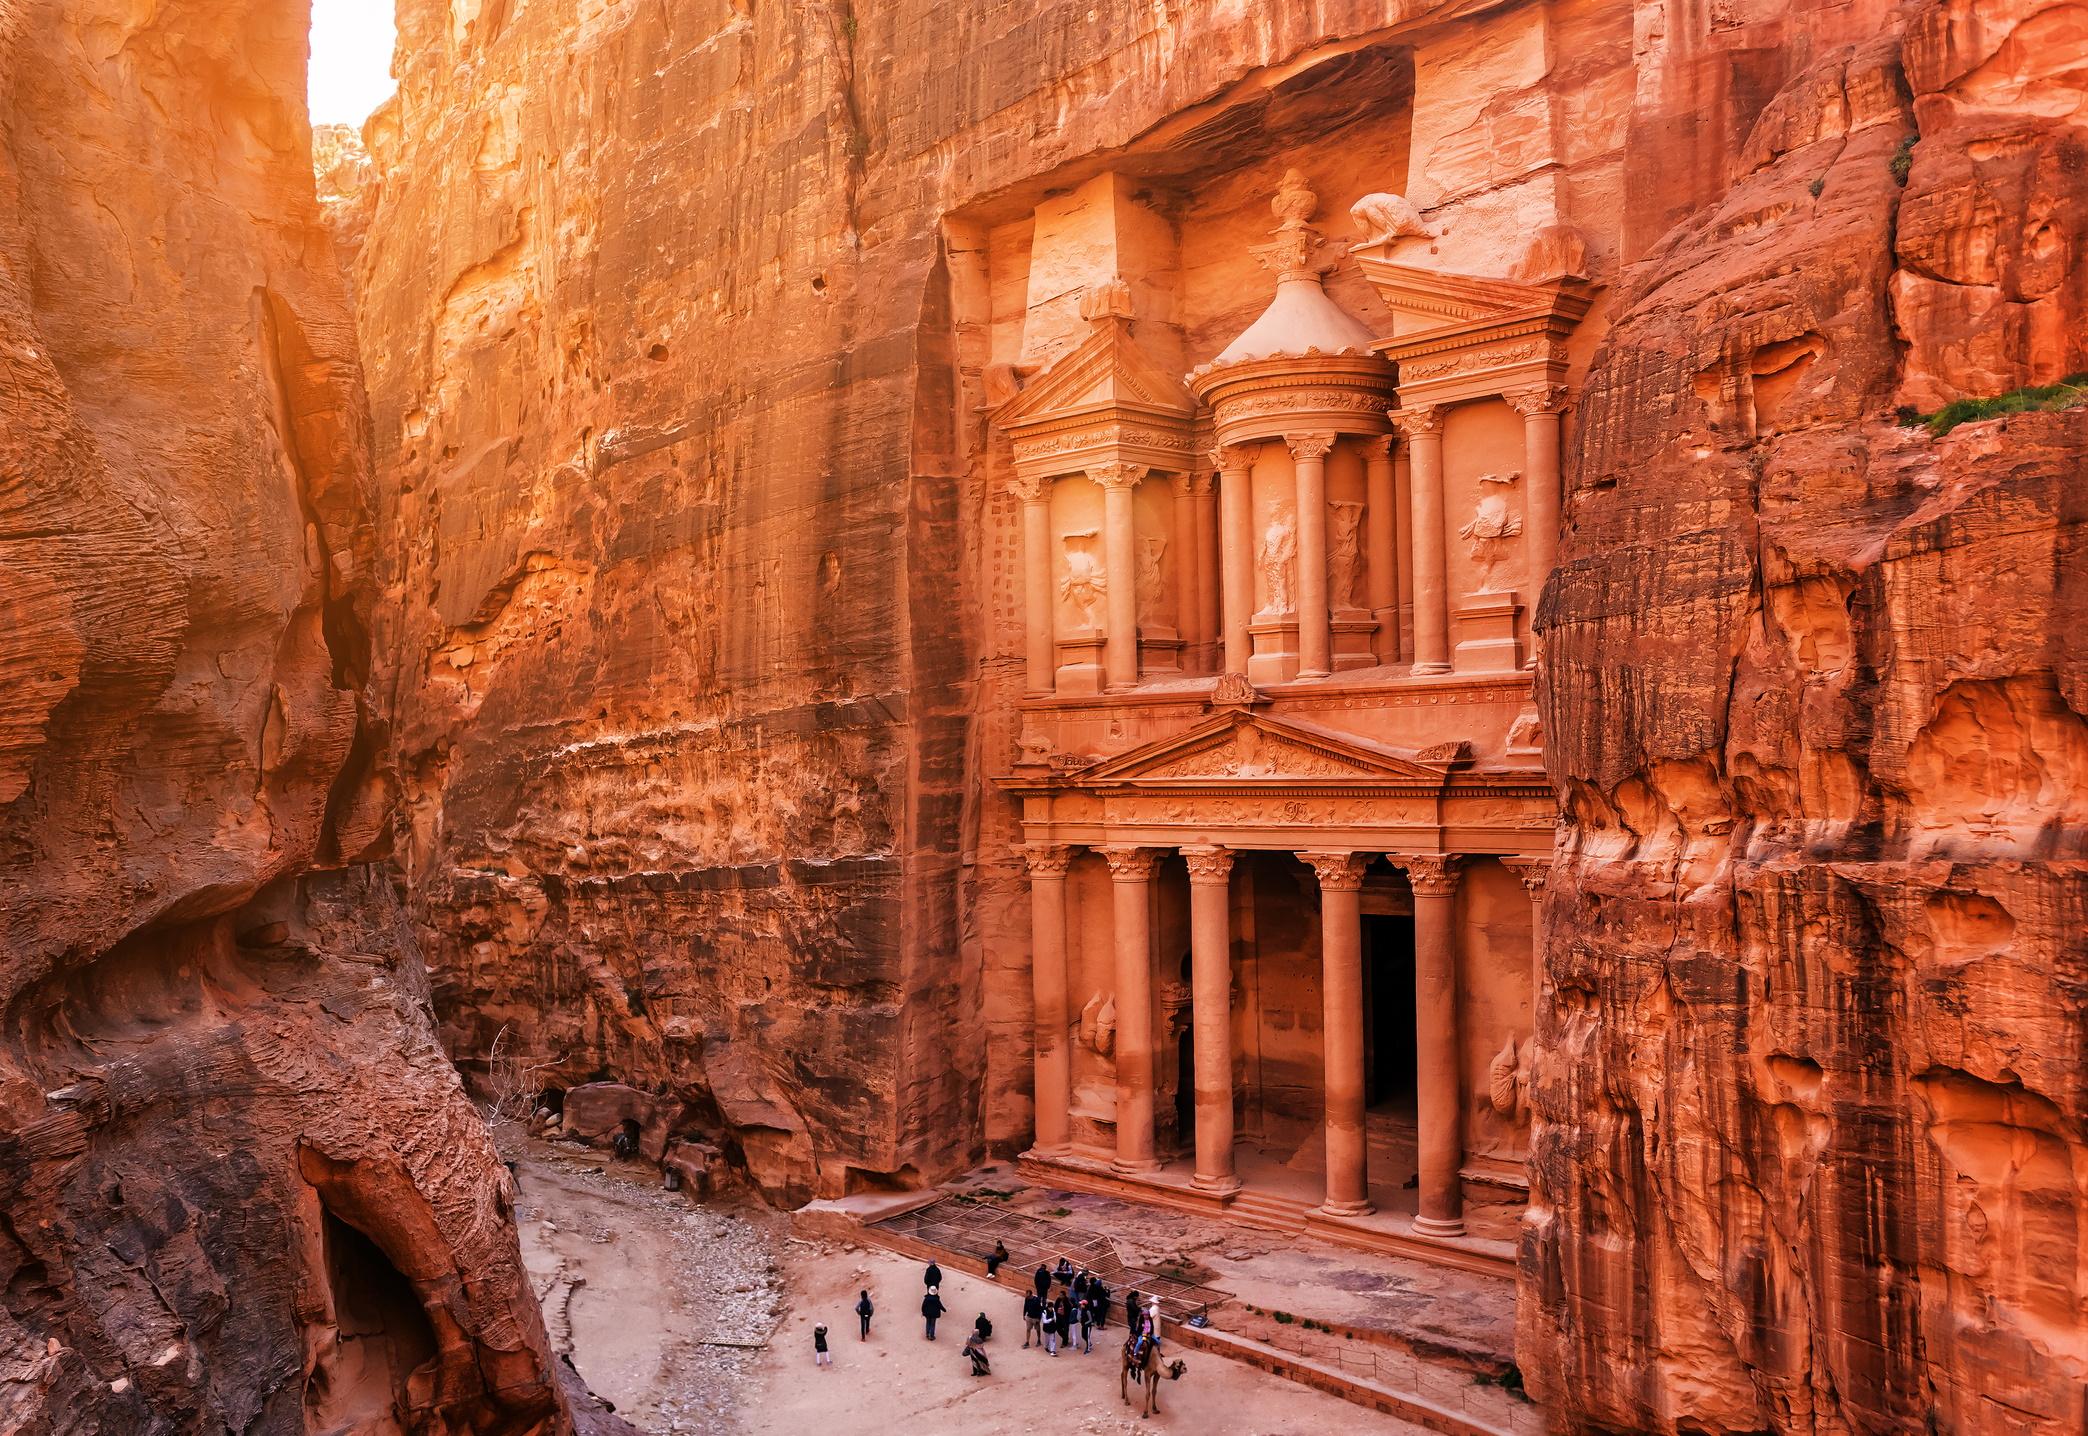 <p><strong>Петра, Йордания</strong></p>  <p>Най-известният археологически обект в Йордания страда от комбинация от валежи, ветрове и атмосферни влияния, както и от големия туристически поток.</p>